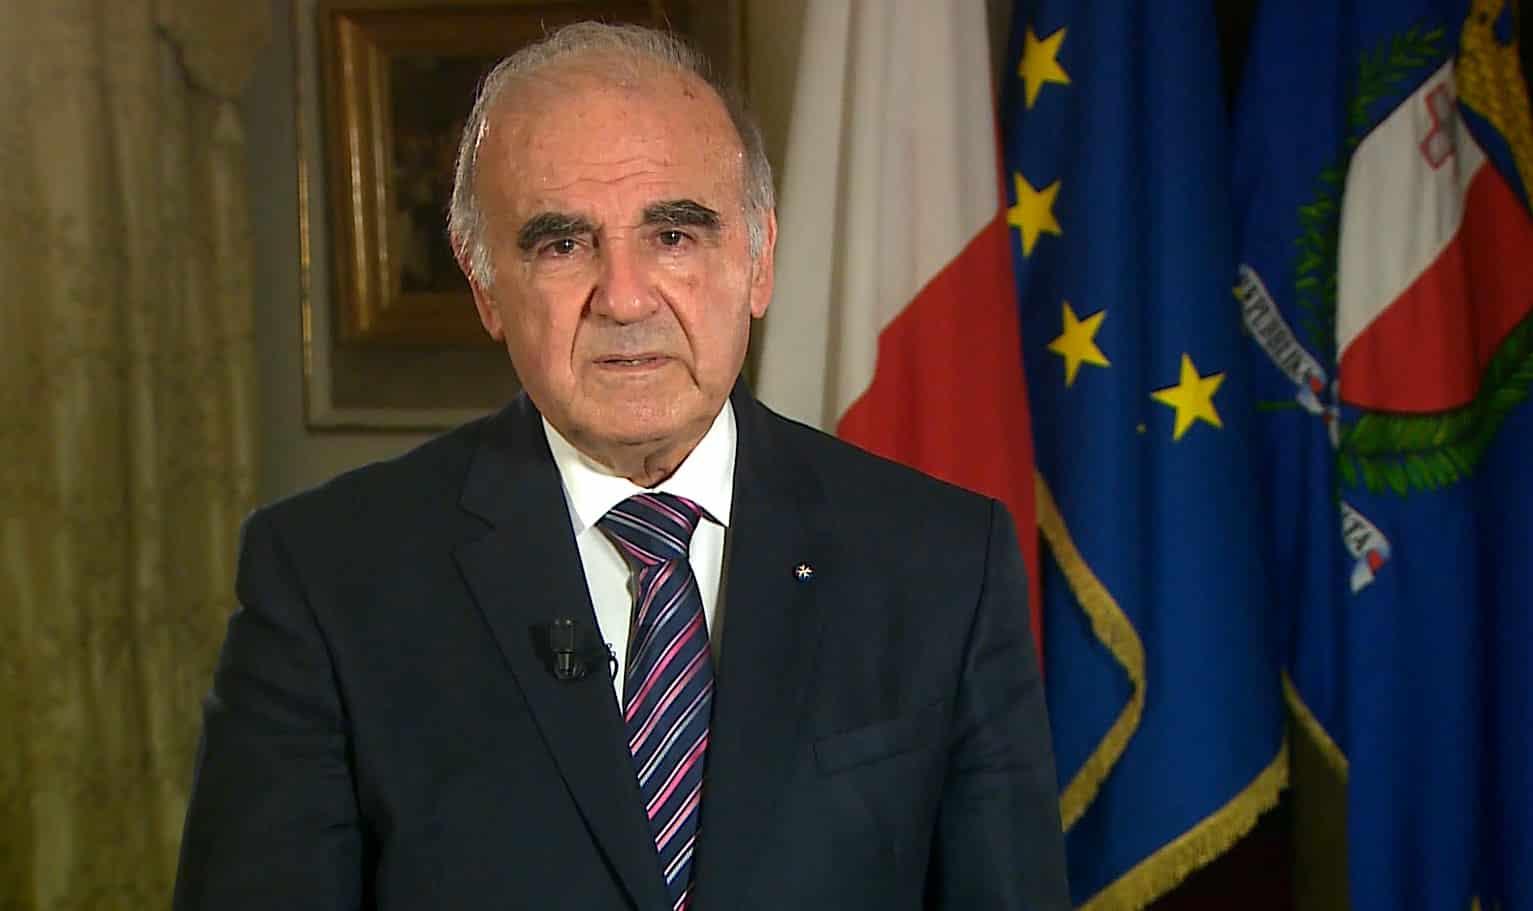 Președintele Maltei, George Vella: Prefer să demisionez decât să semnez legea avortului